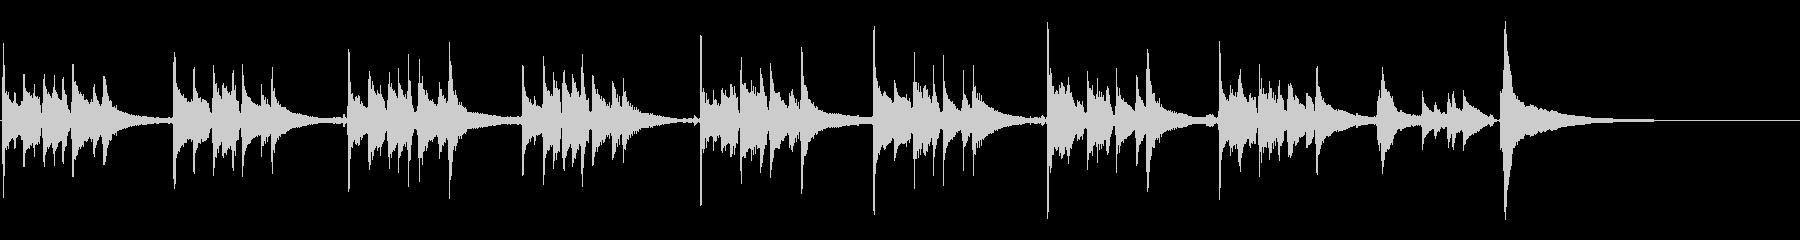 アコギ48/あたたかい、強い終止感、生音の未再生の波形